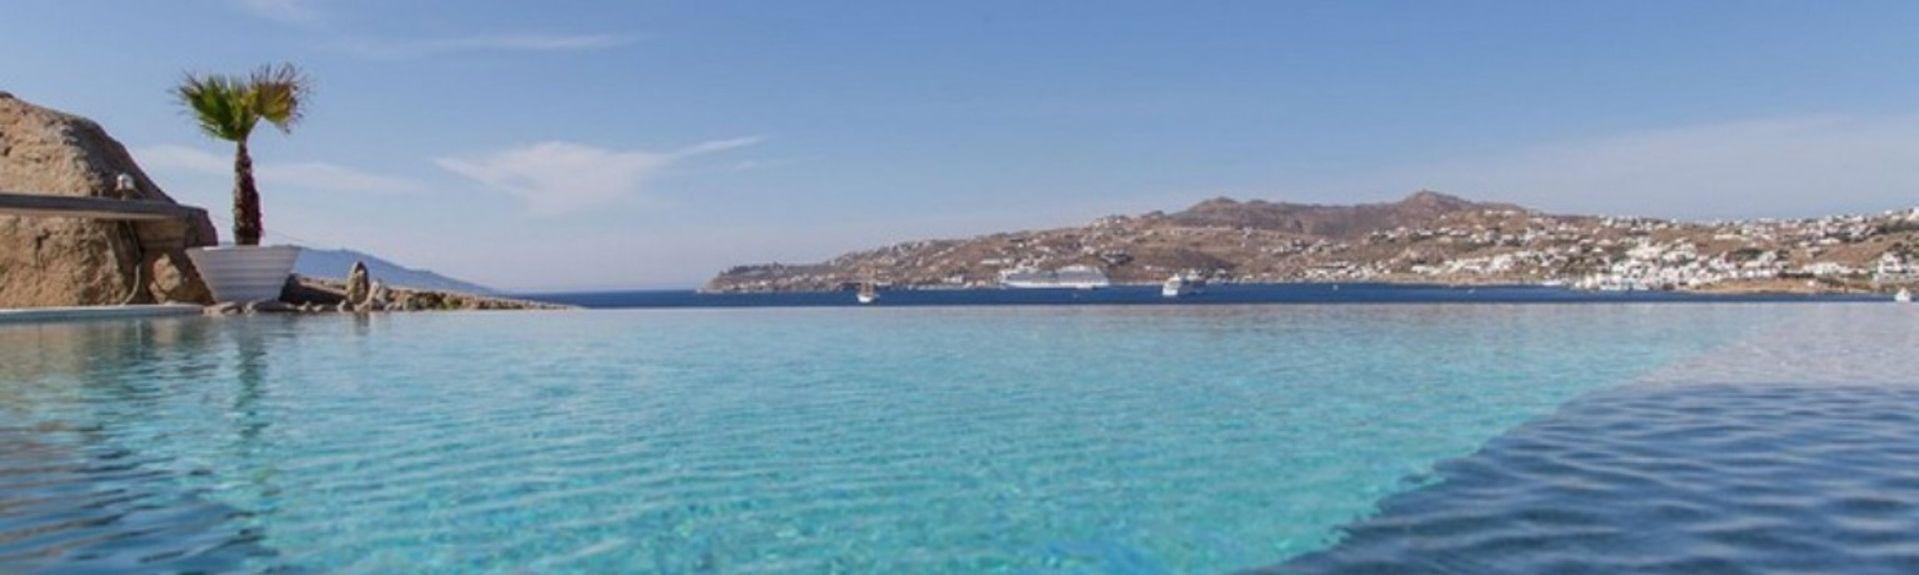 Strand von Kalo Livadi, Ägäische Inseln, Griechenland